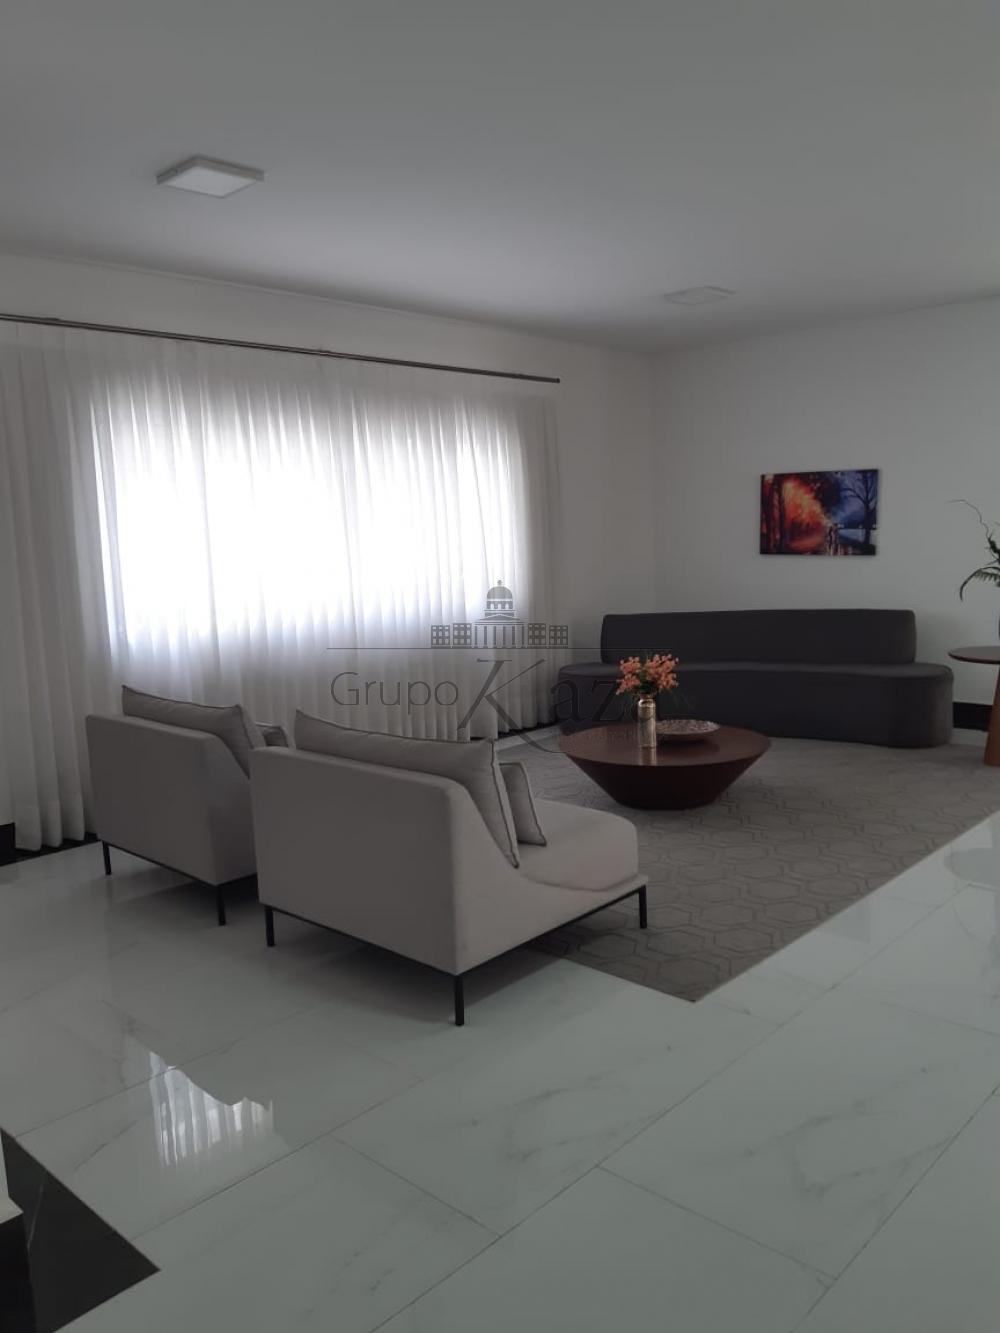 alt='Alugar Apartamento / Padrão em São José dos Campos R$ 2.400,00 - Foto 28' title='Alugar Apartamento / Padrão em São José dos Campos R$ 2.400,00 - Foto 28'